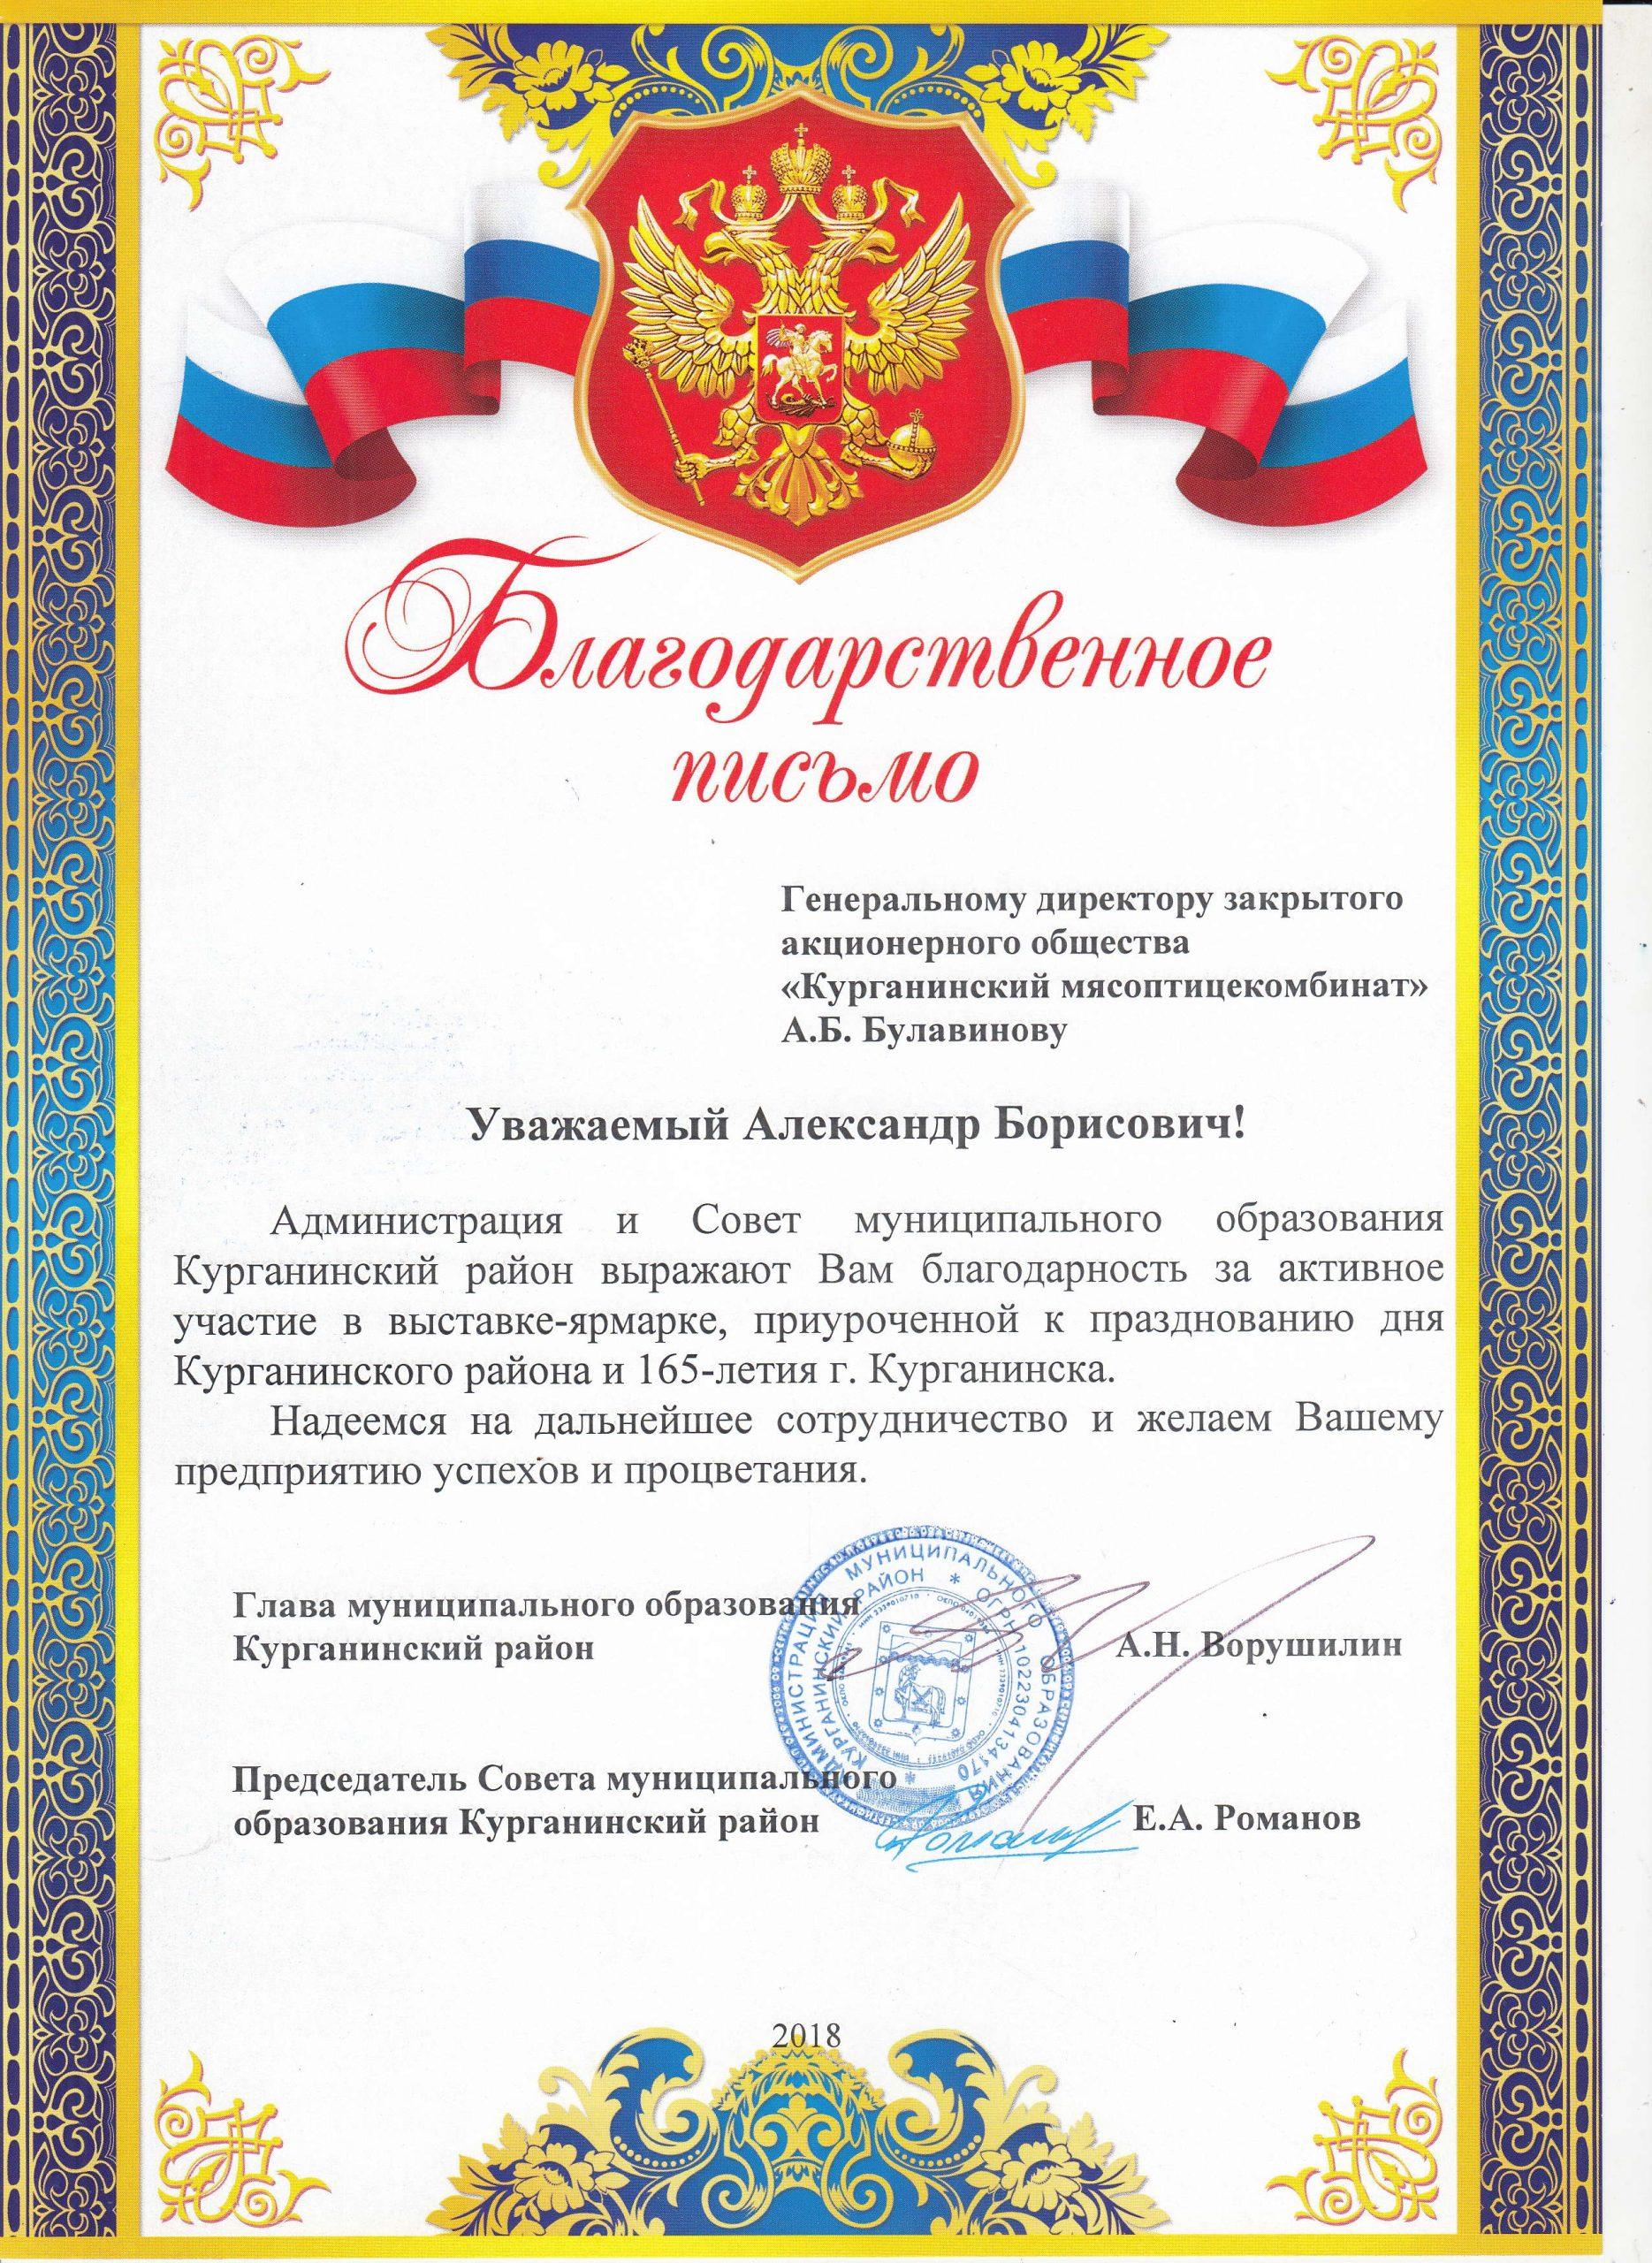 Благодарность директору предприятия за многолетний труд и большой личный вклад в социально-экономическое развитие региона от губернатора Краснодарского края.